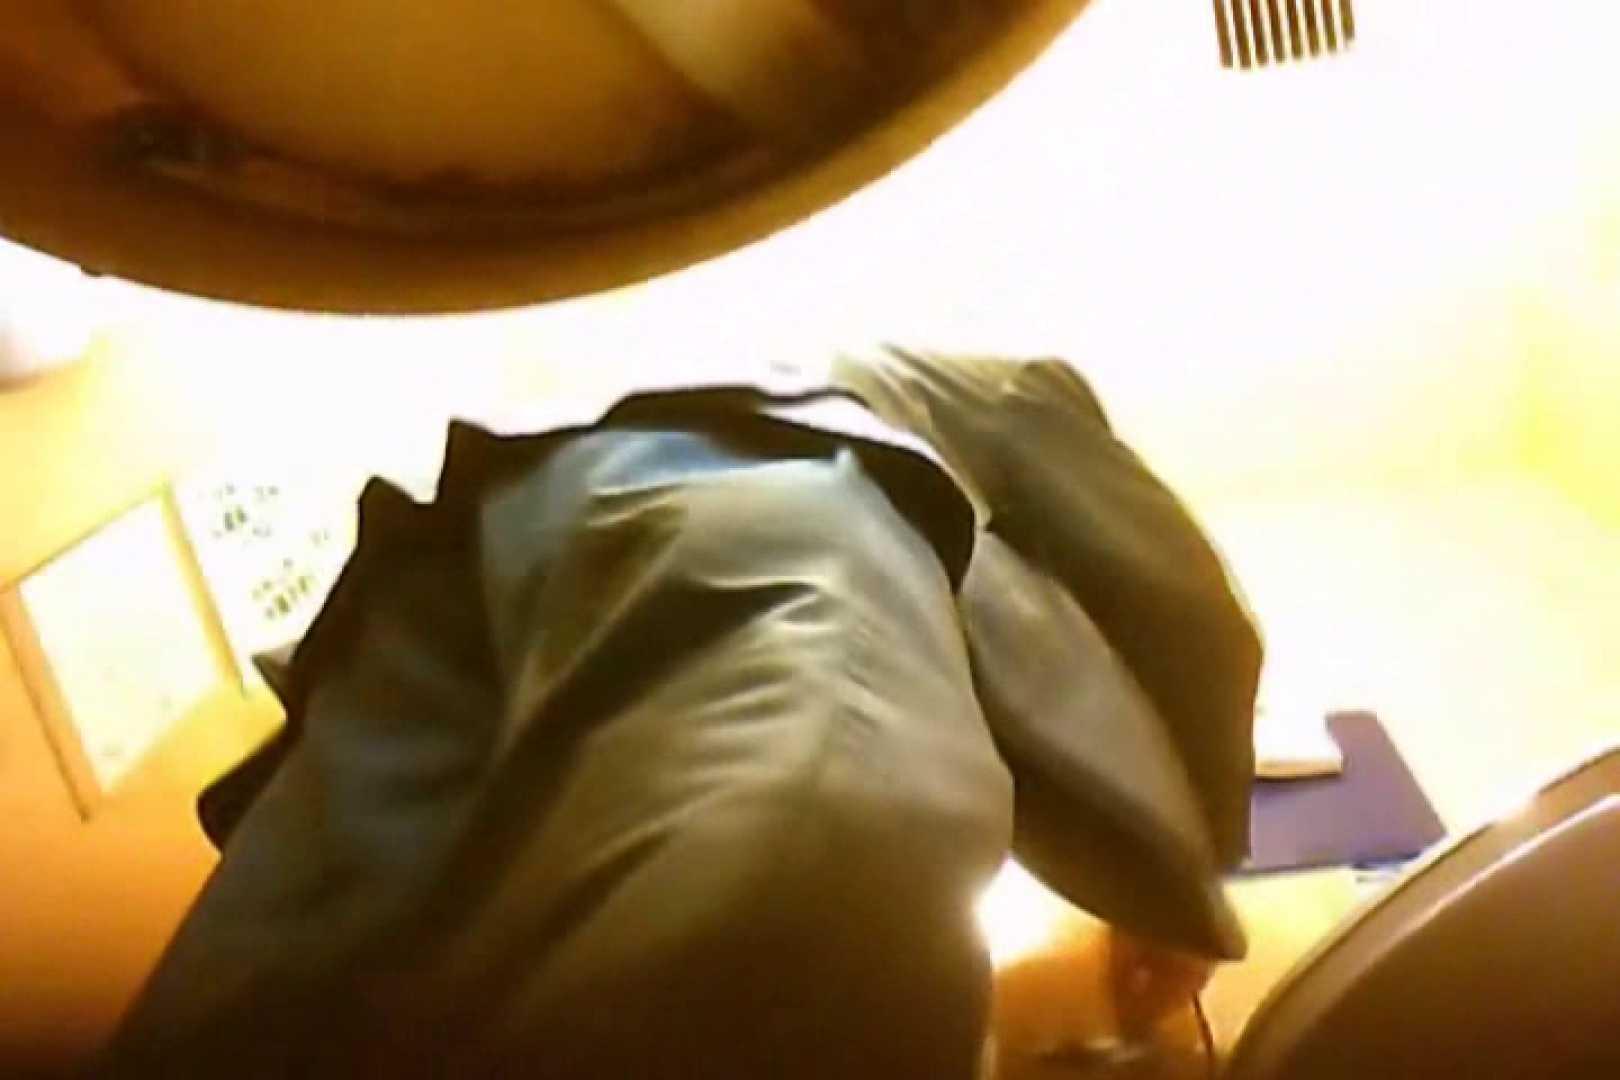 SEASON 3rd!掴み取りさんの洗面所覗き!in新幹線!VOL.09 完全無修正でお届け | ボーイズ私服  65pic 17